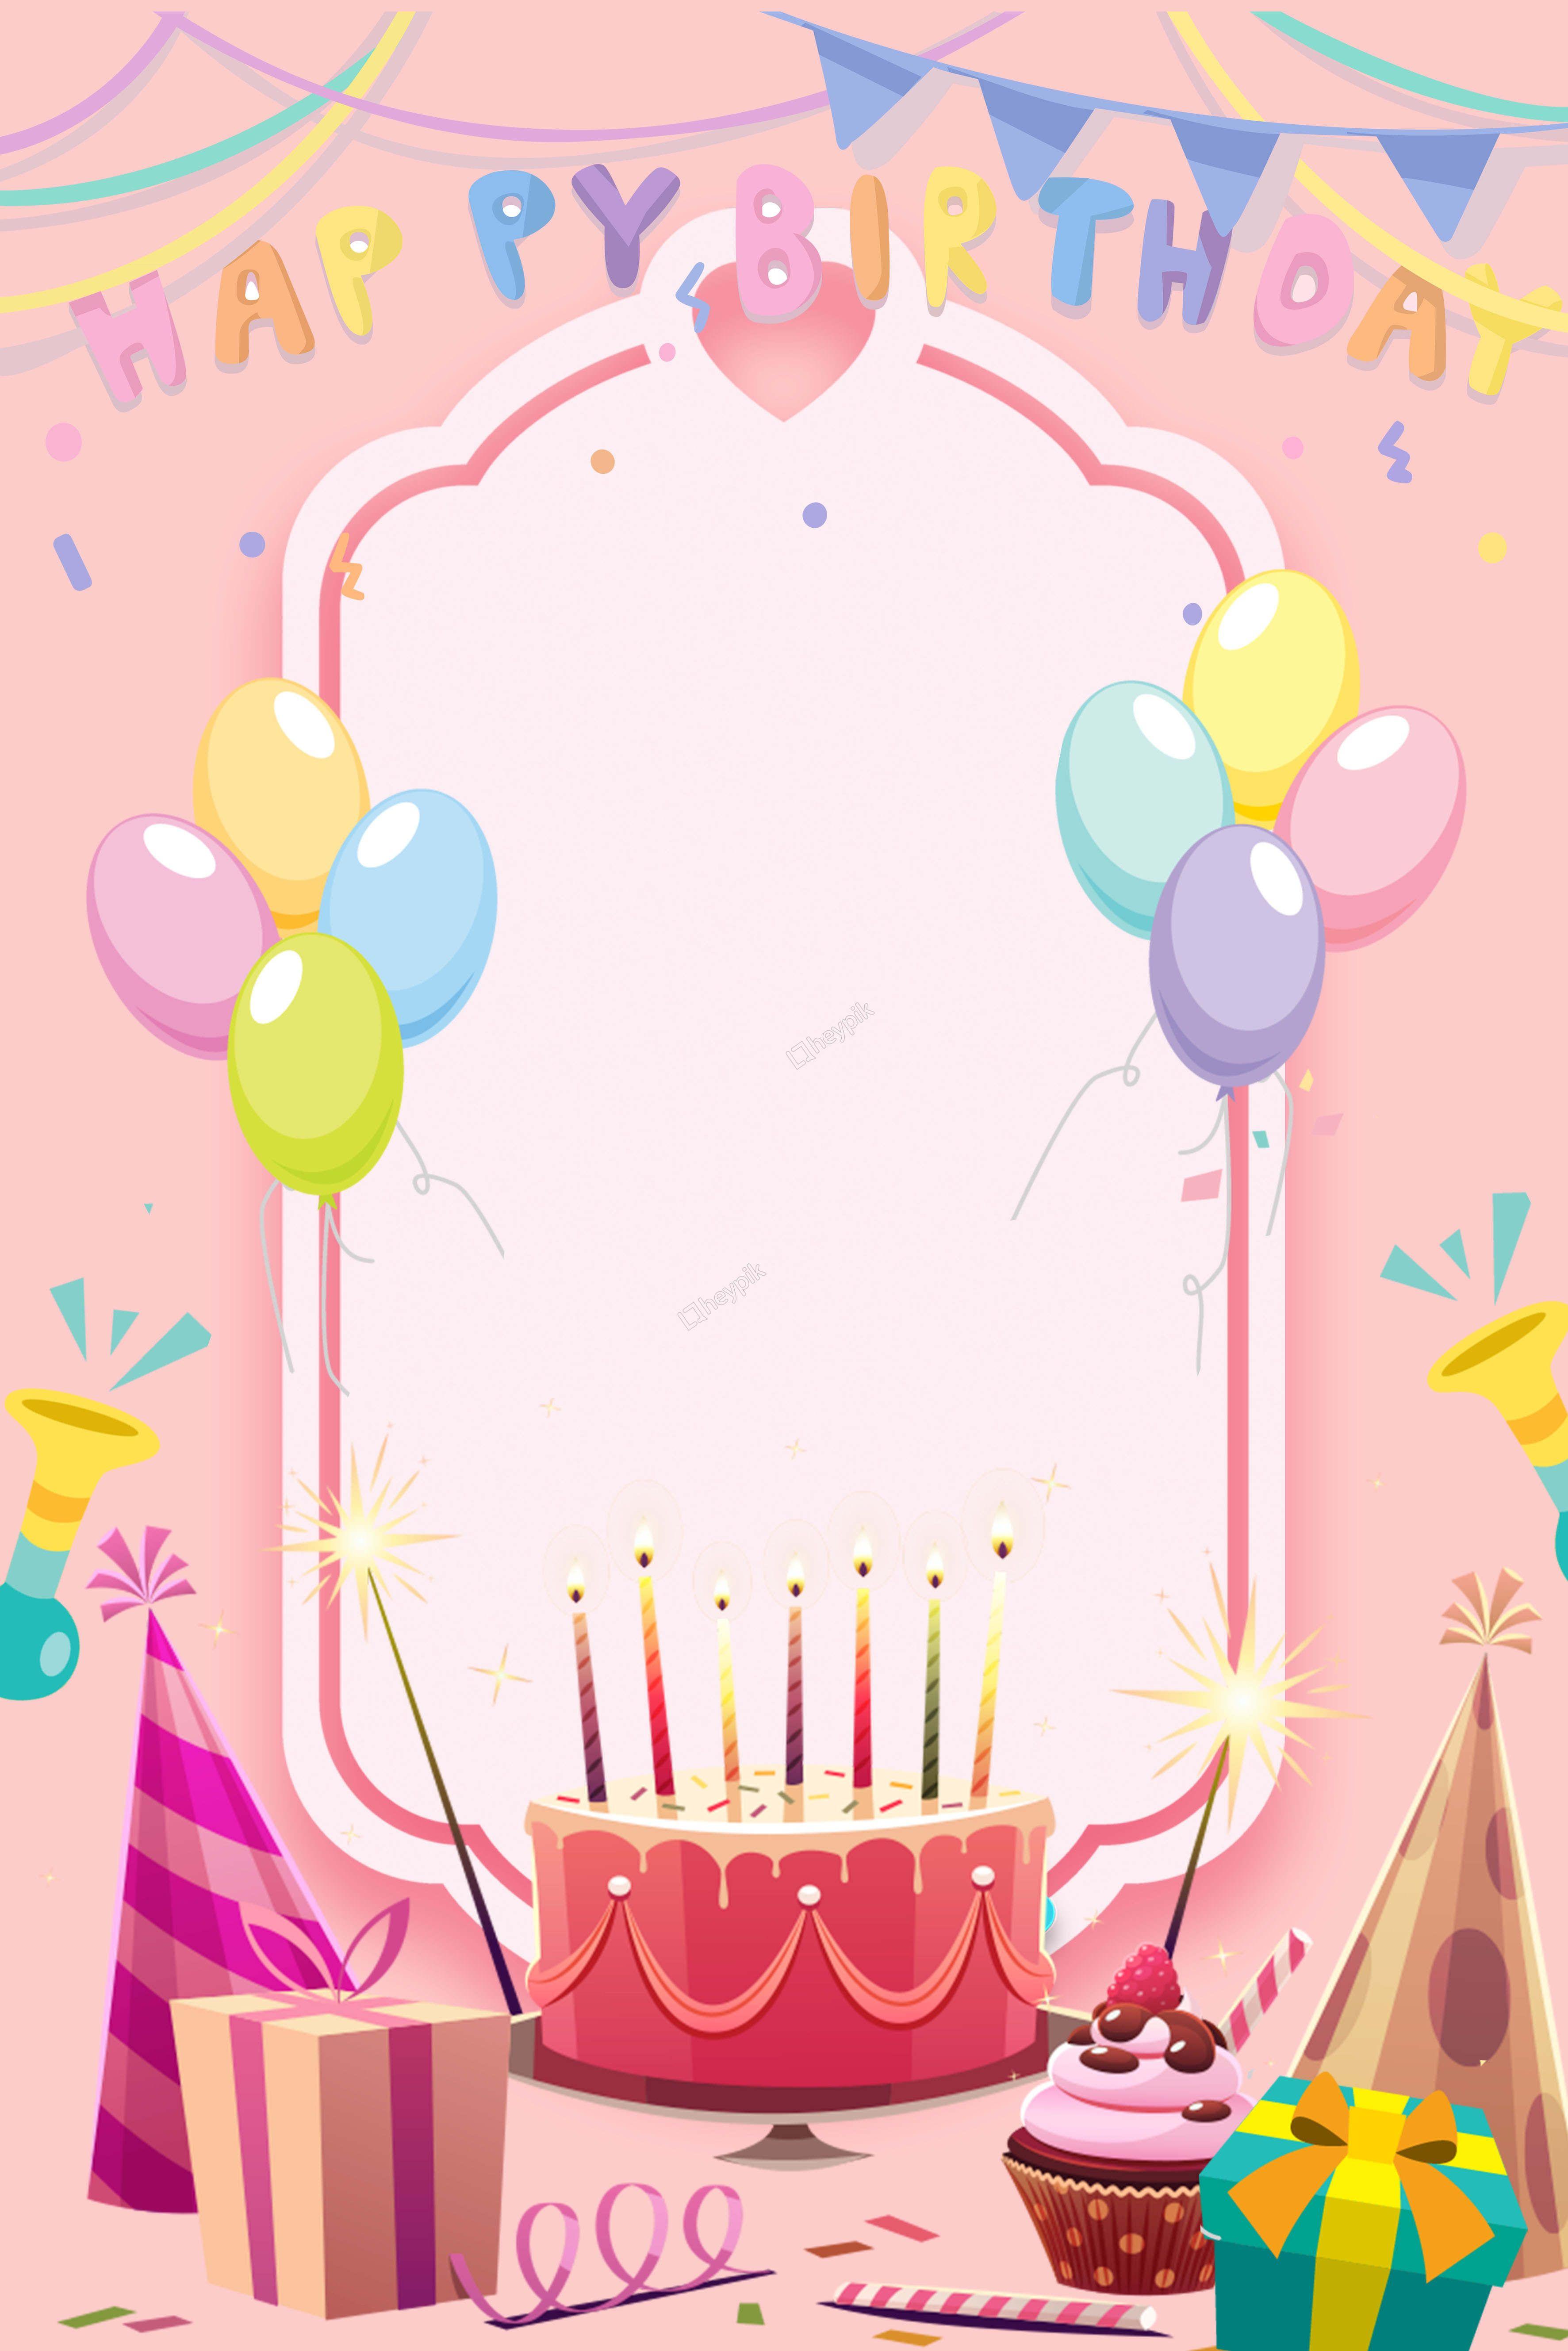 """Fond D Affiche Invitation Joyeux Anniversaire Dessin Anime Ȫ•ç""""Ÿæ—¥ ȃŒæ™¯ Ðースデーカード Ɖ‹æ›¸ã Ðースデーカード"""